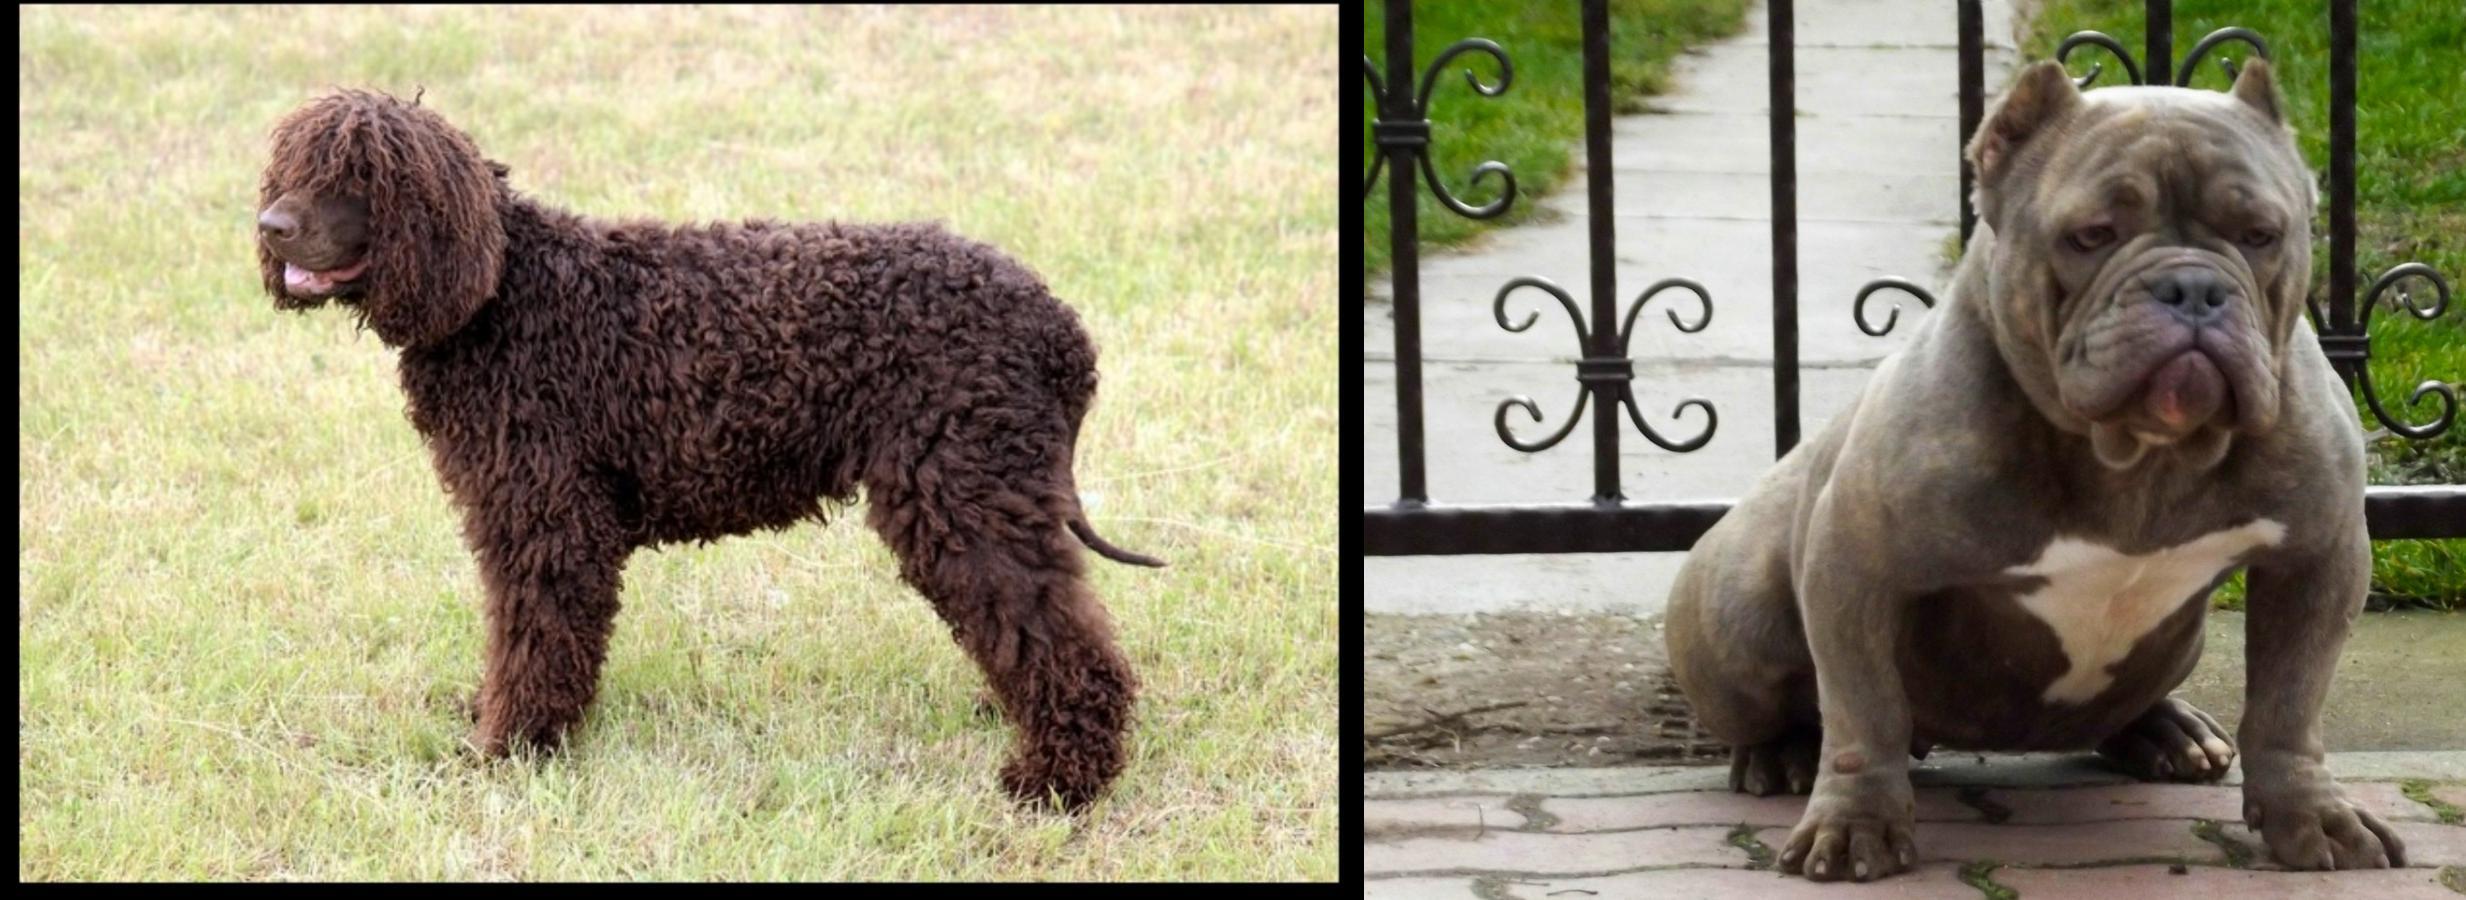 Irish Water Spaniel vs American Bully - Breed Comparison